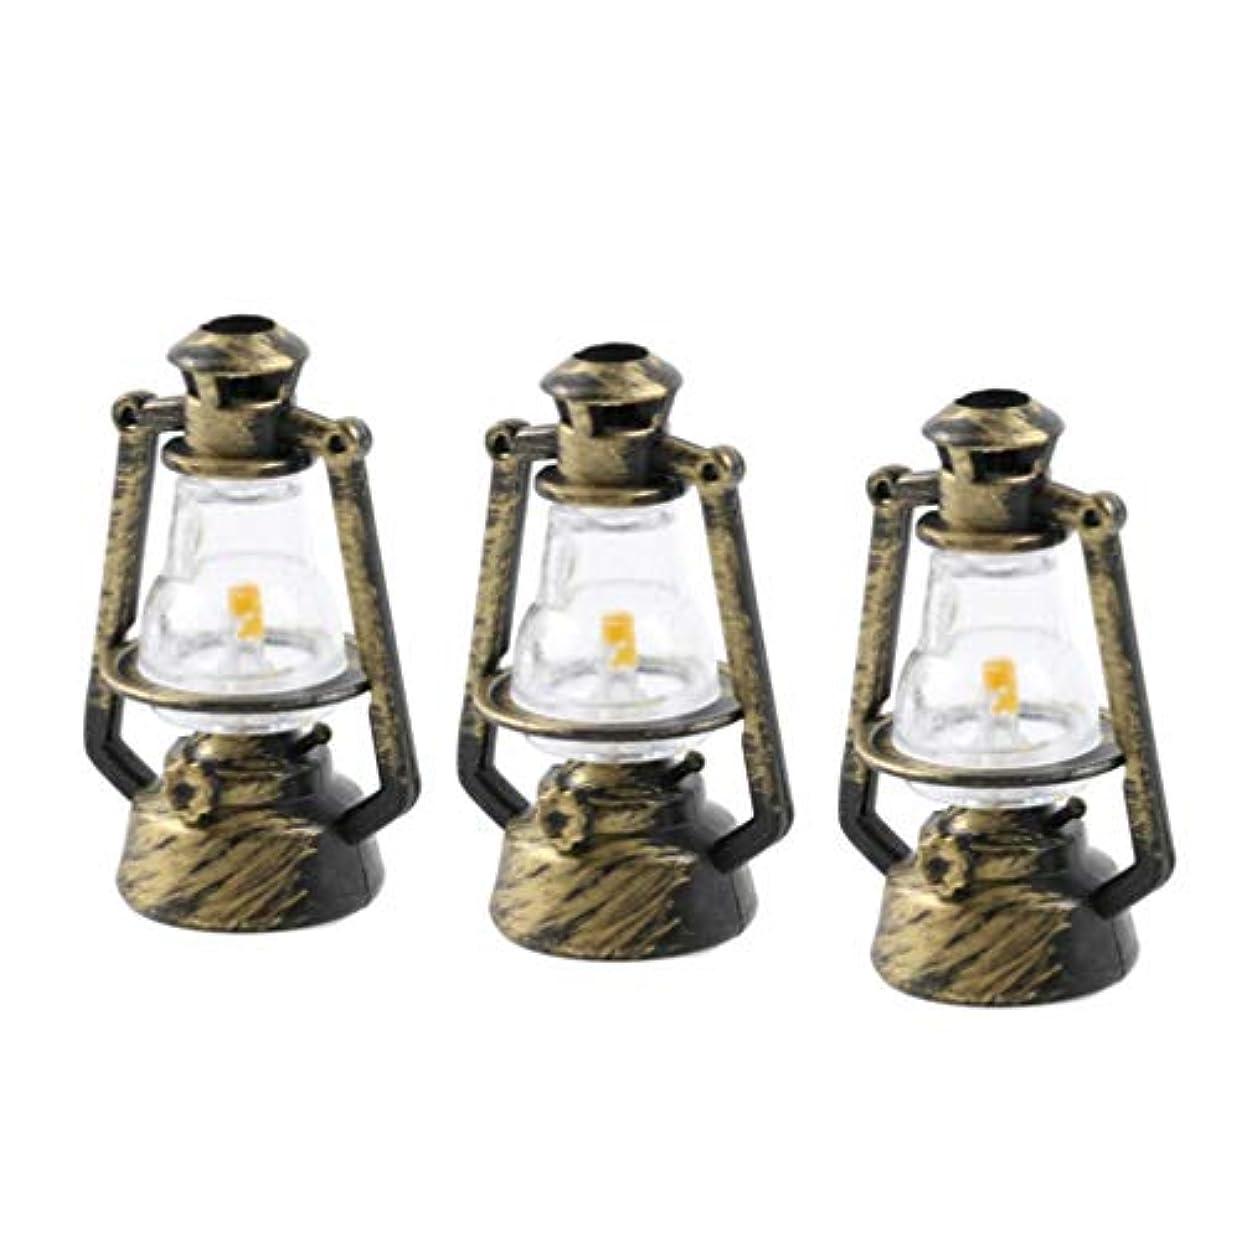 仲良し一応じるHEALLILY ミニレトロ灯油ランプ飾り1:12ドールハウスミニチュア家具ドールハウス装飾アクセサリー風景装飾6ピース